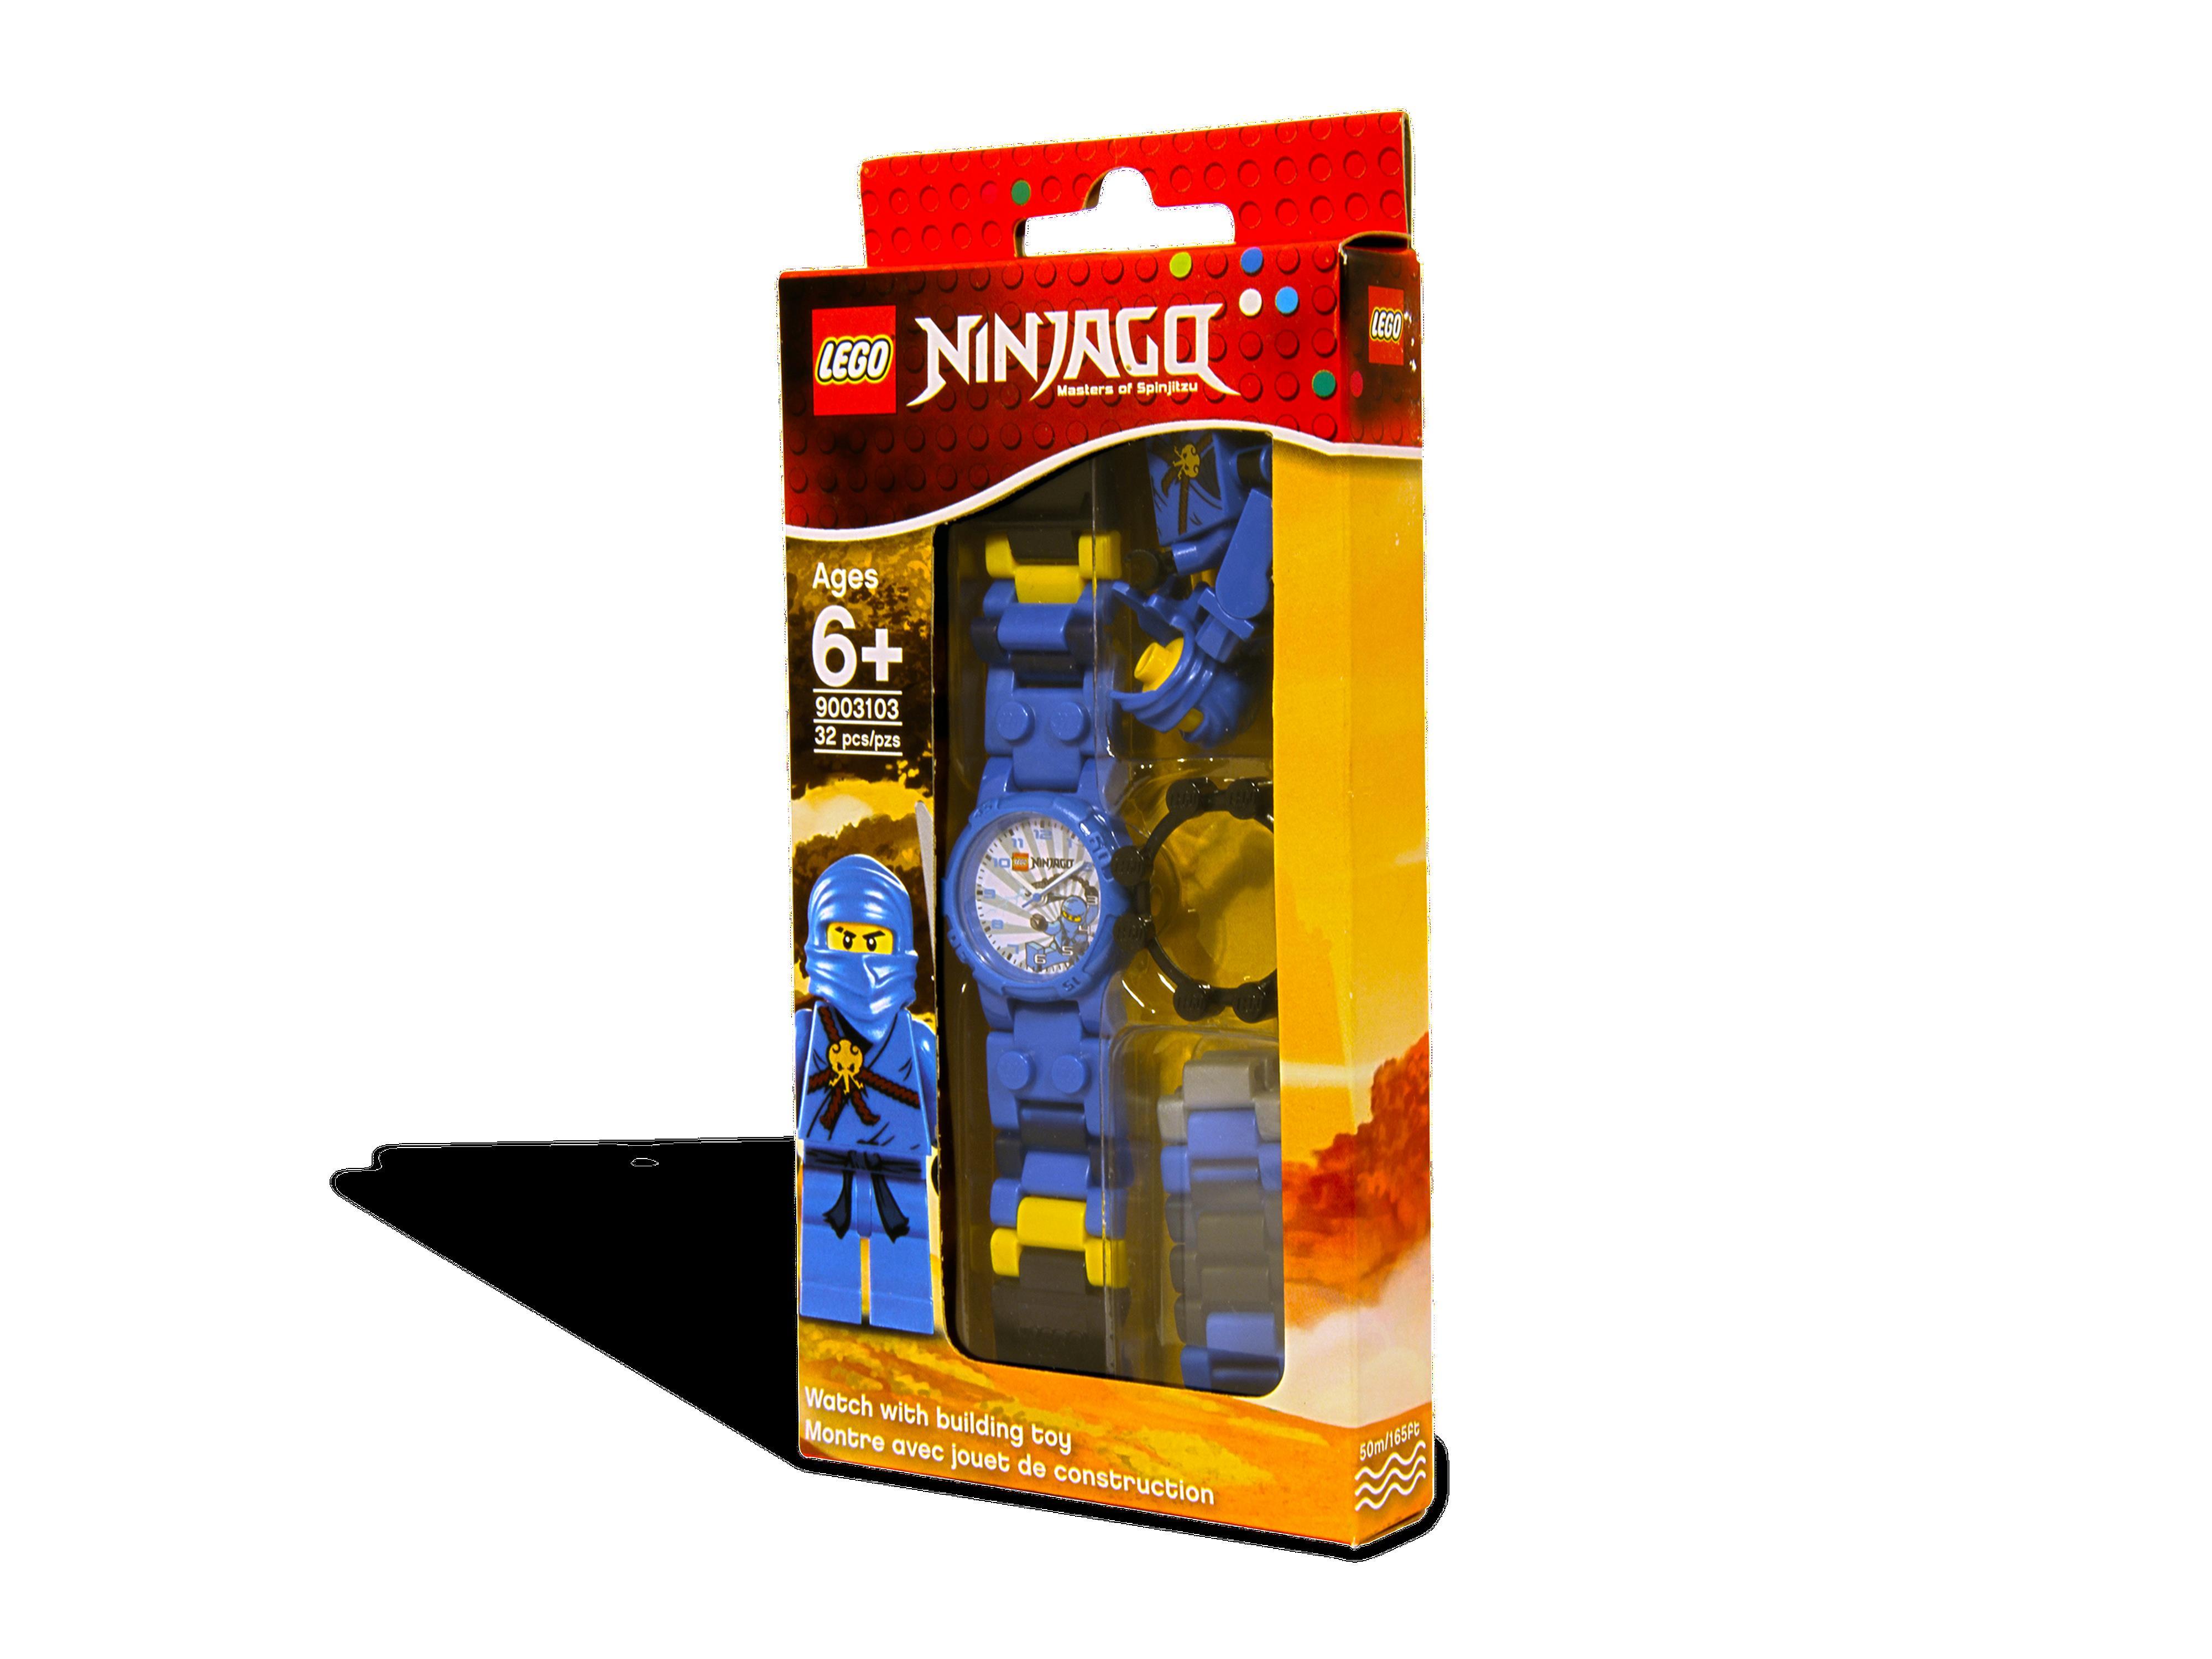 Ninjago box